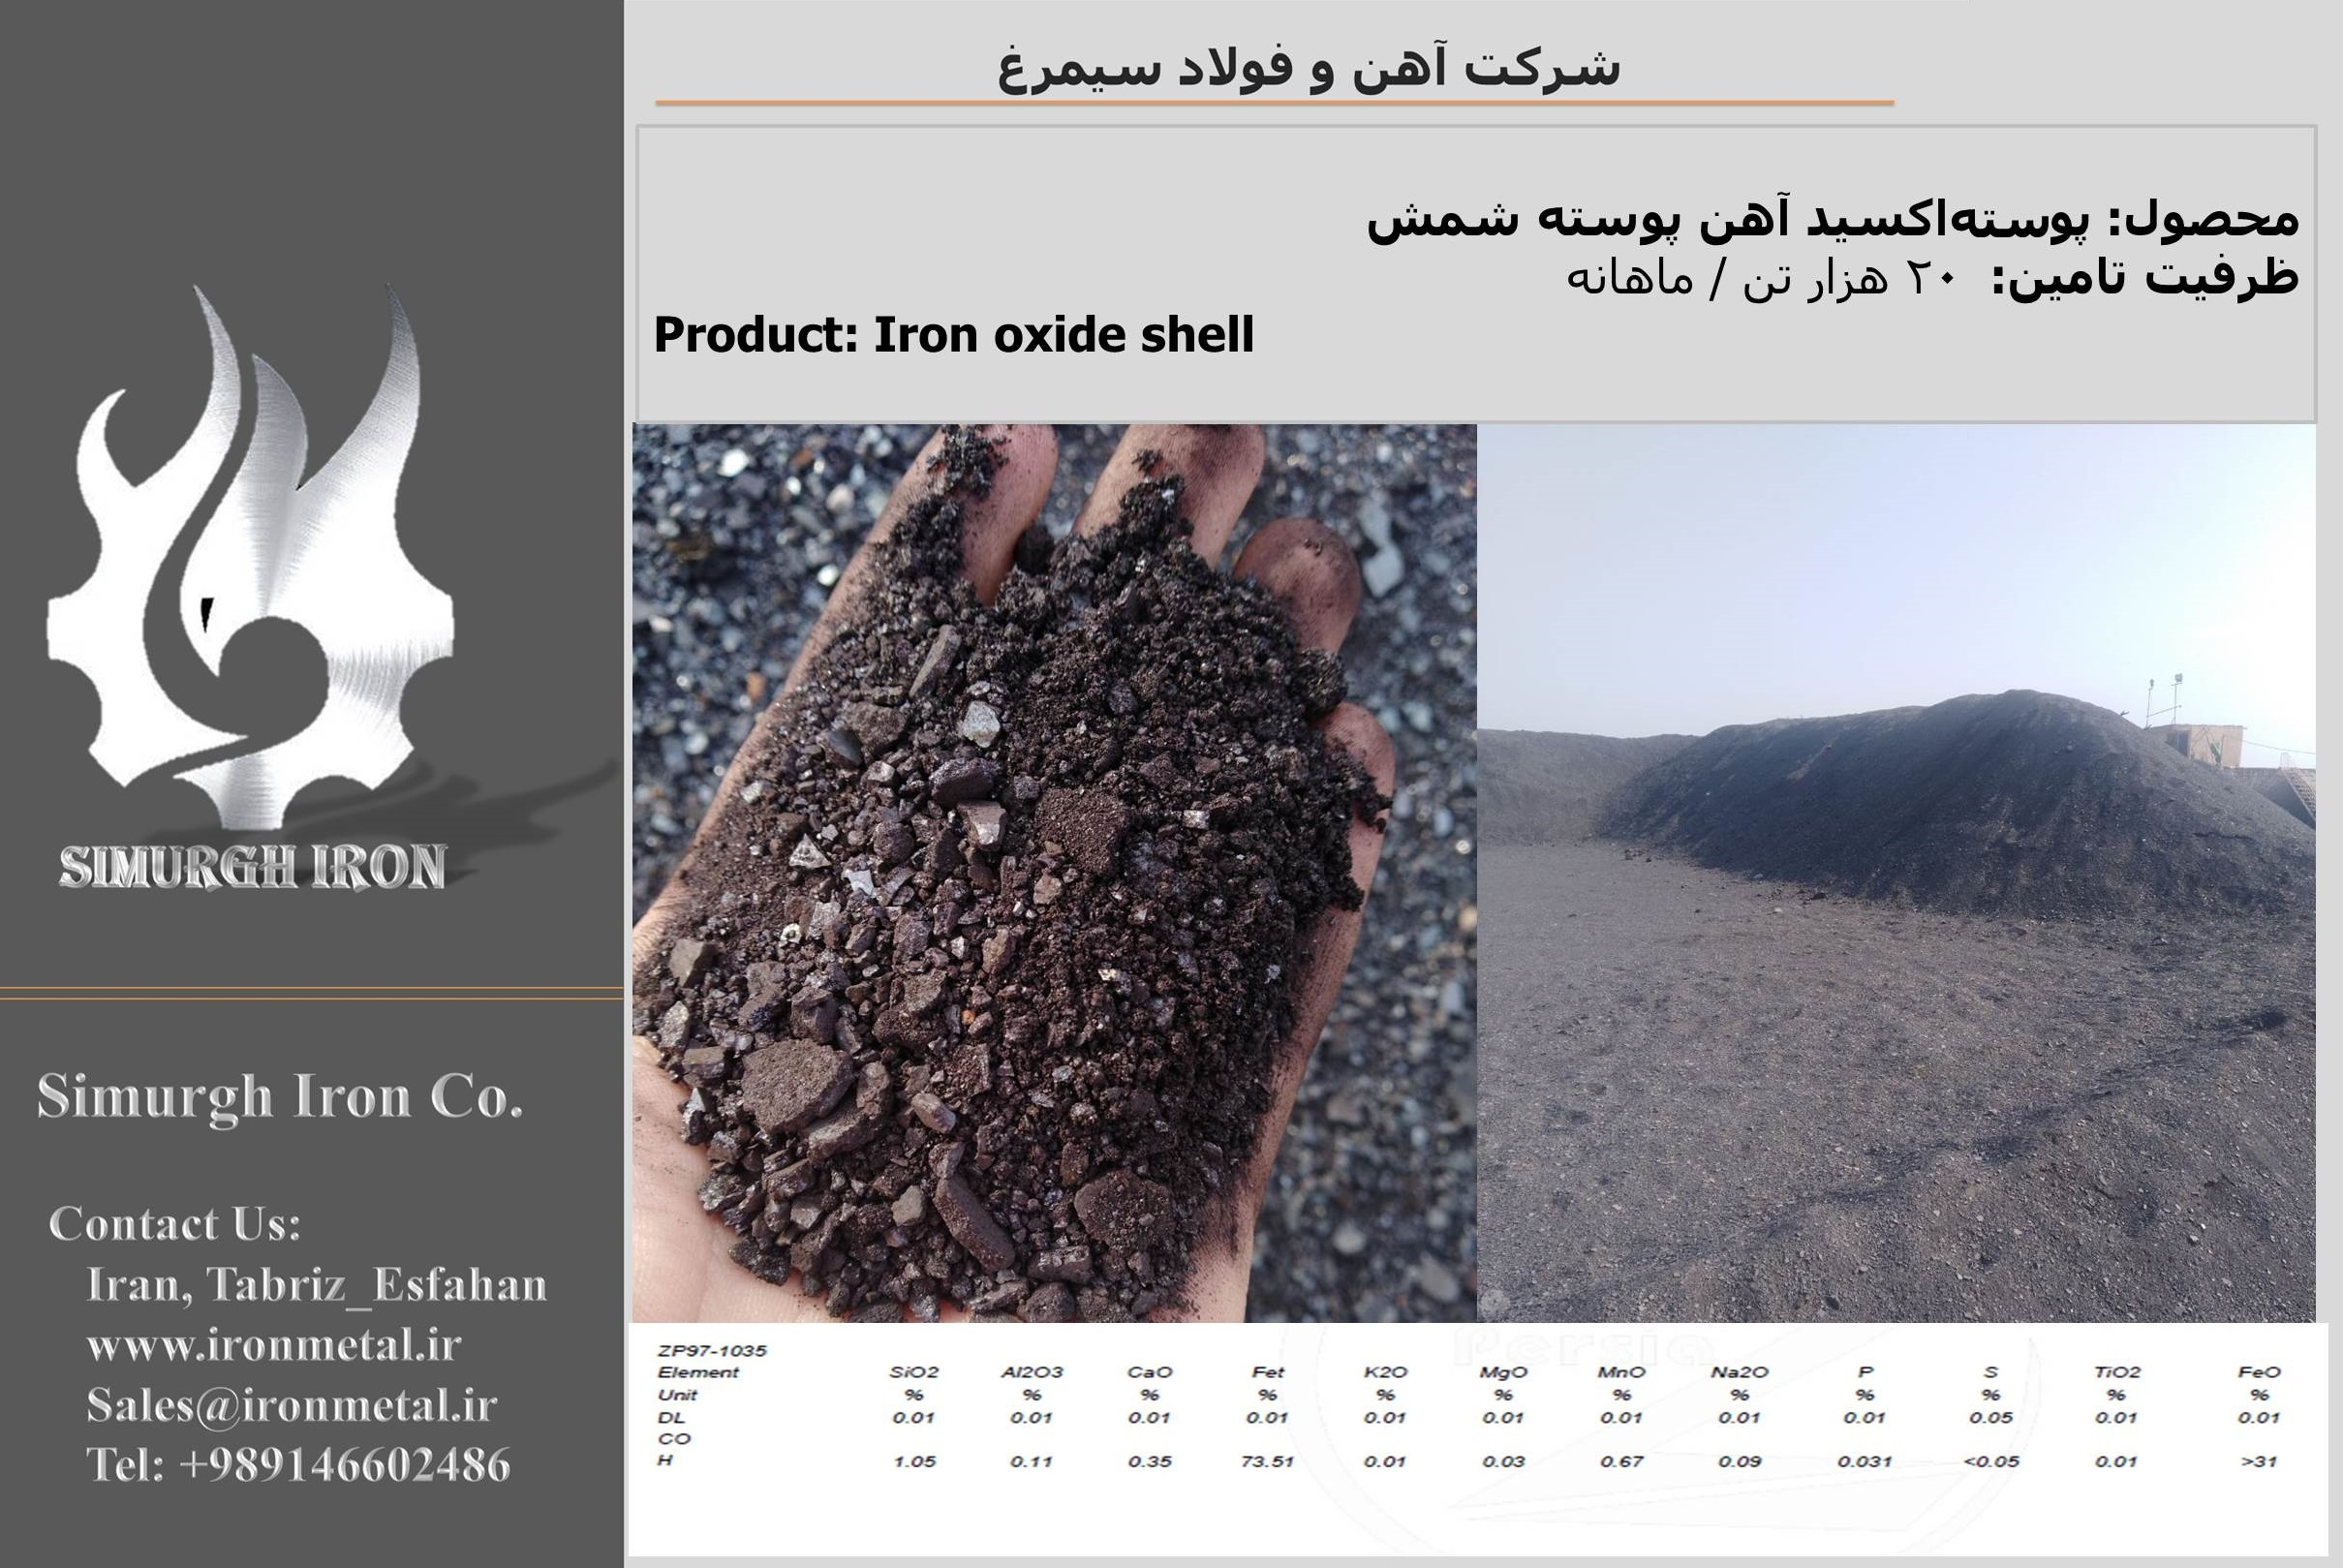 خرید پوسته اکسید آهن و کاربرد آن